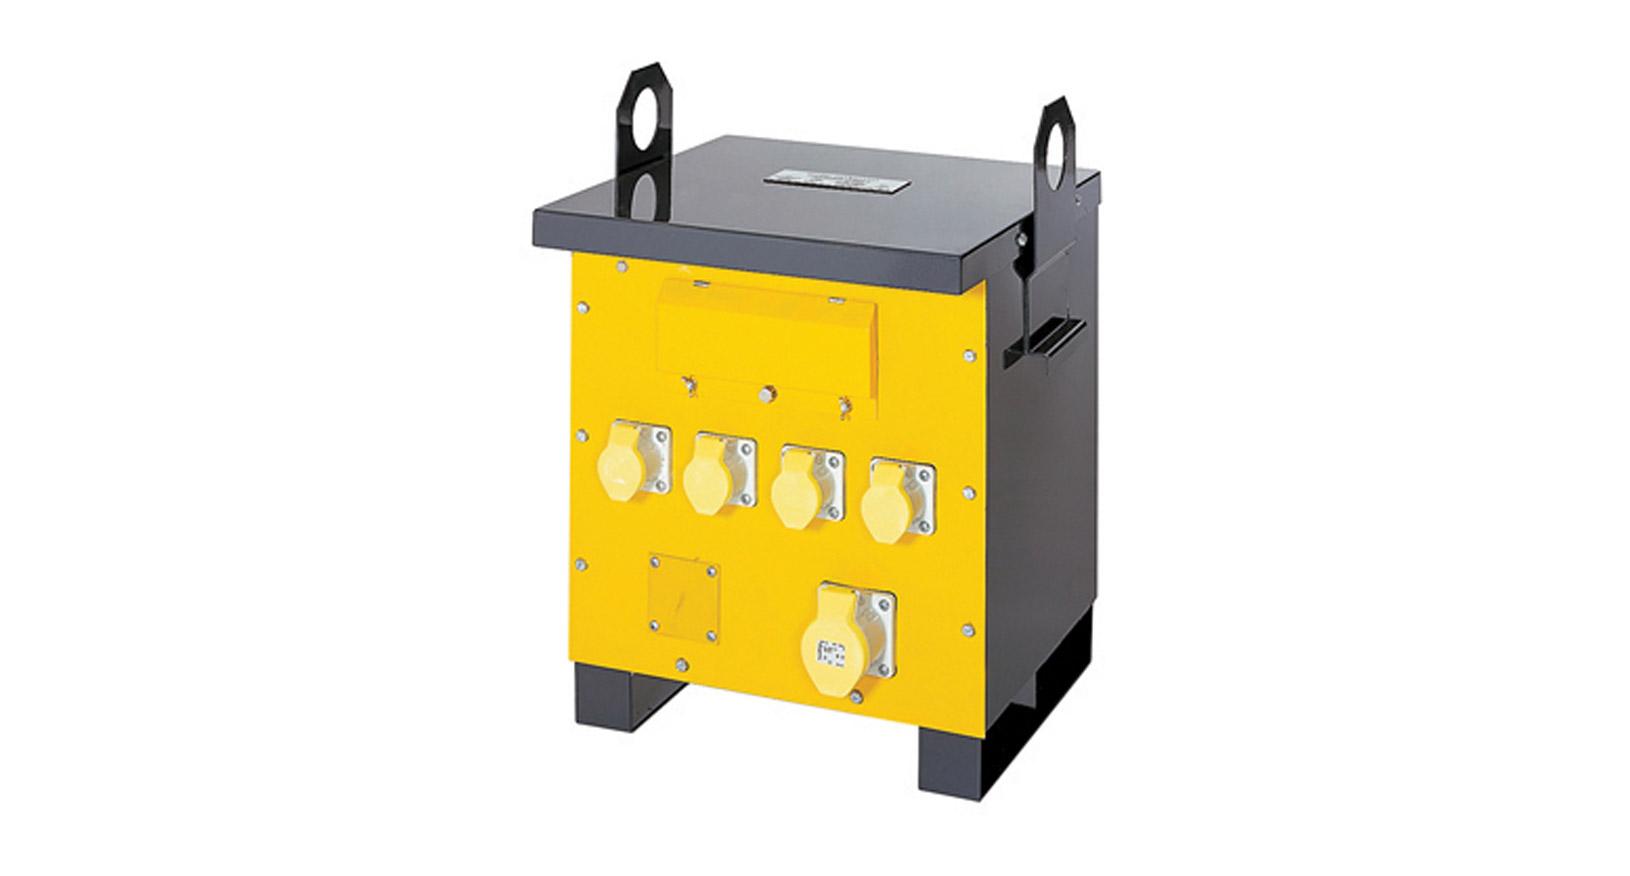 10 kVA Site Transformer